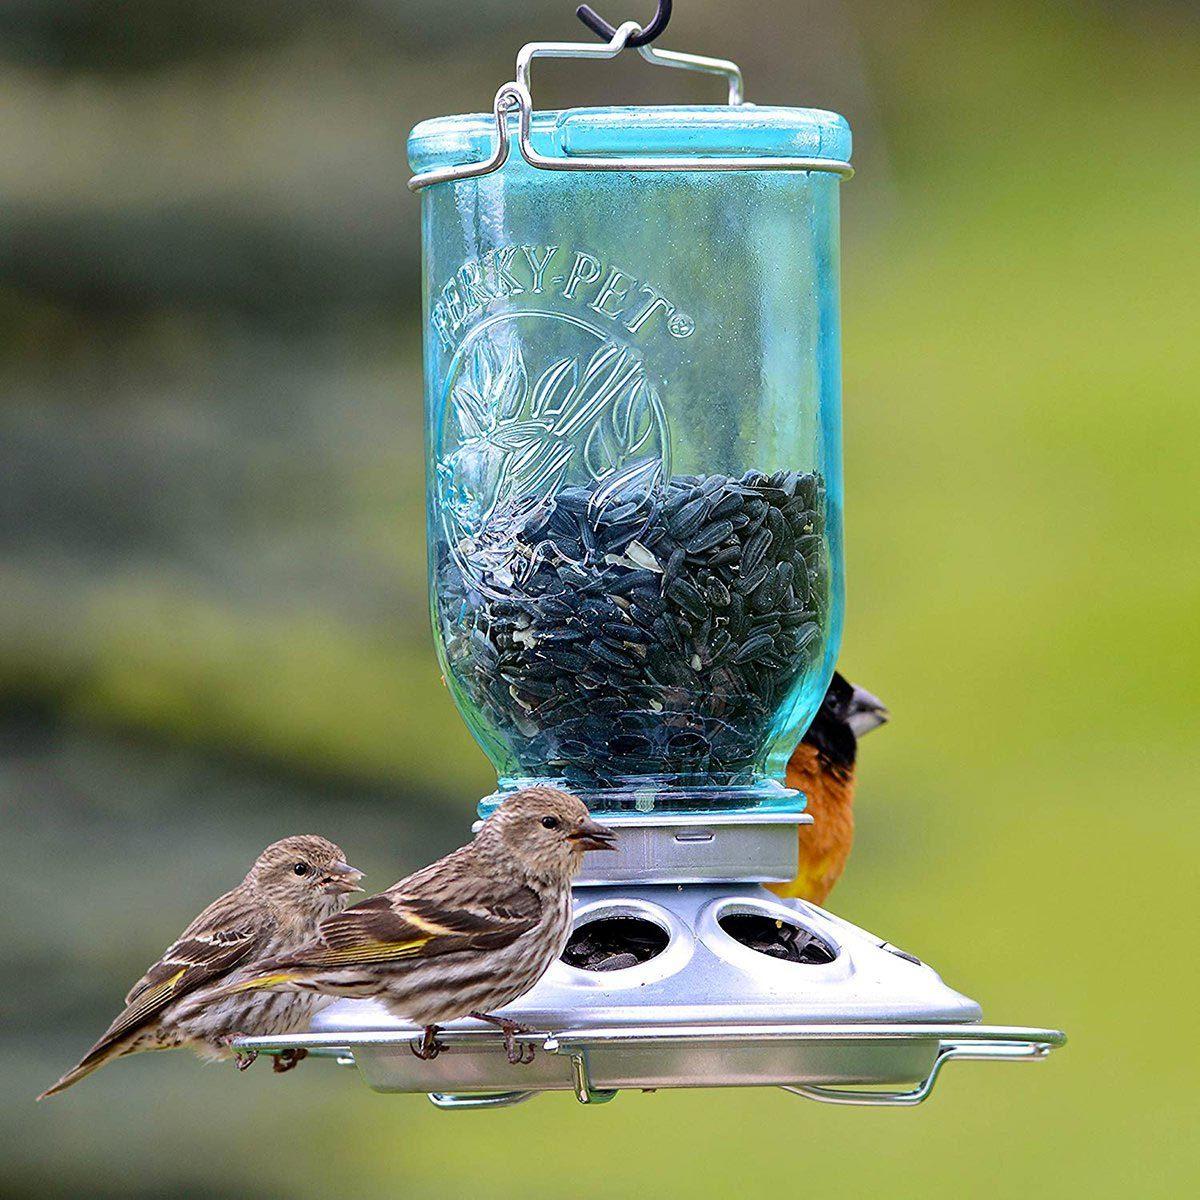 Sauver la planète : créez une mangeoire pour oiseaux à l'aide de pots Mason.